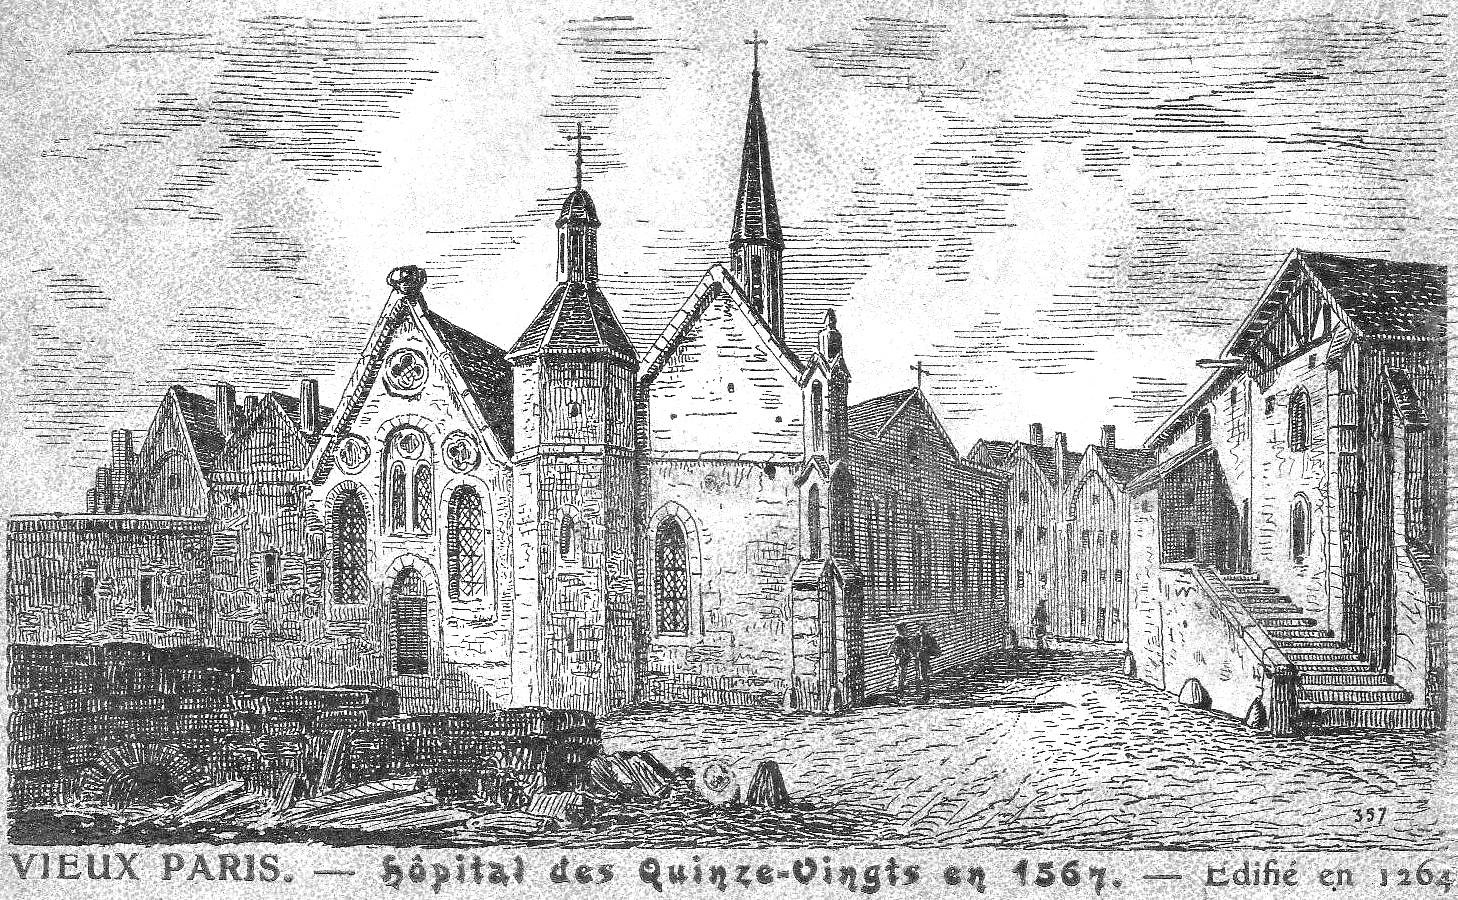 L'hospice des Quinze-vingts